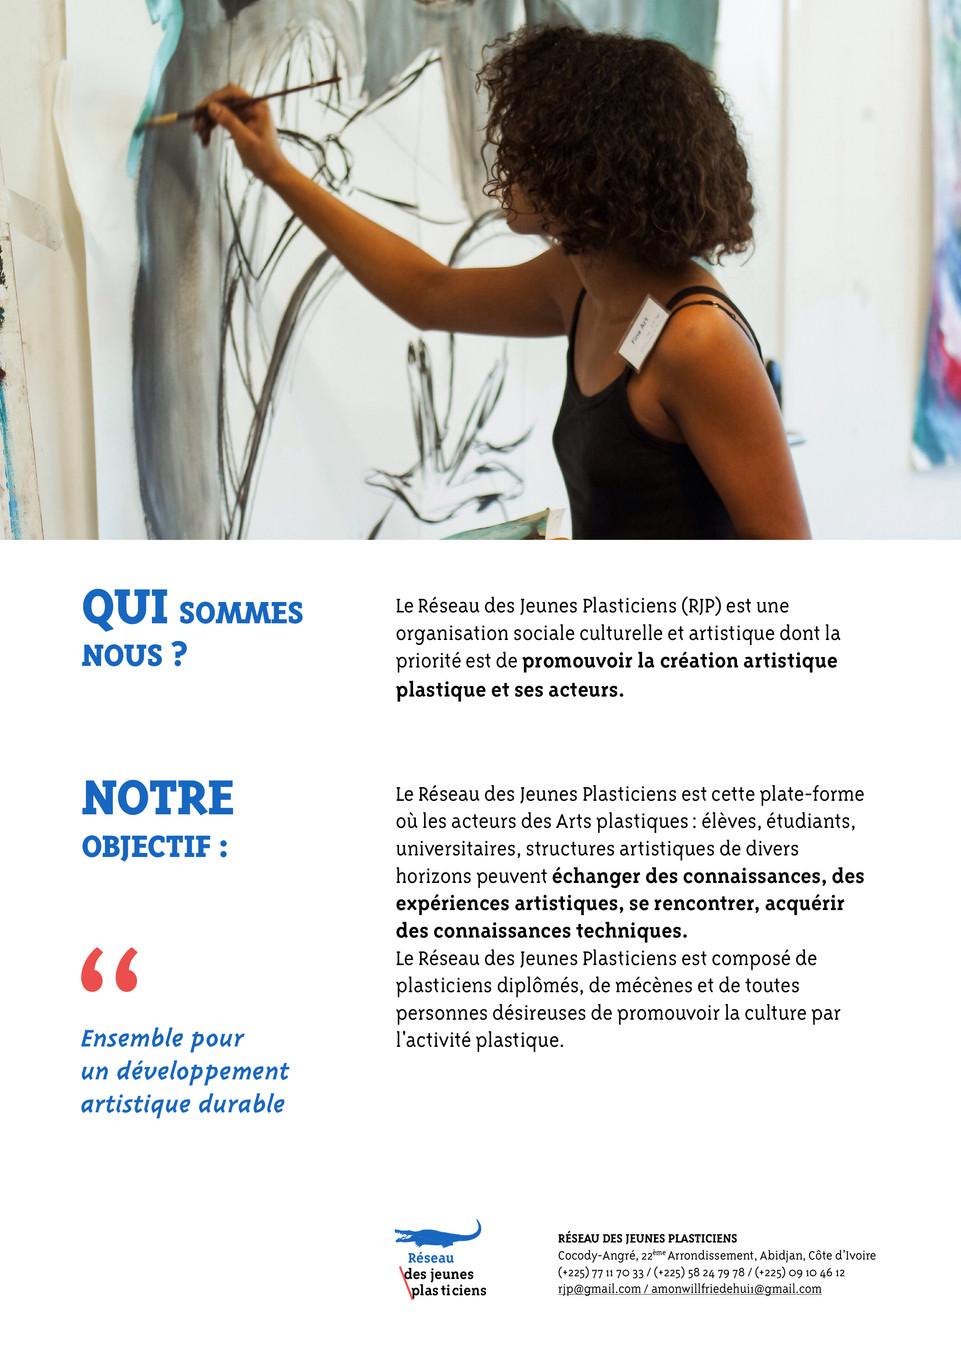 Réseau_des_Jeunes_plasticiens,_charte6.j